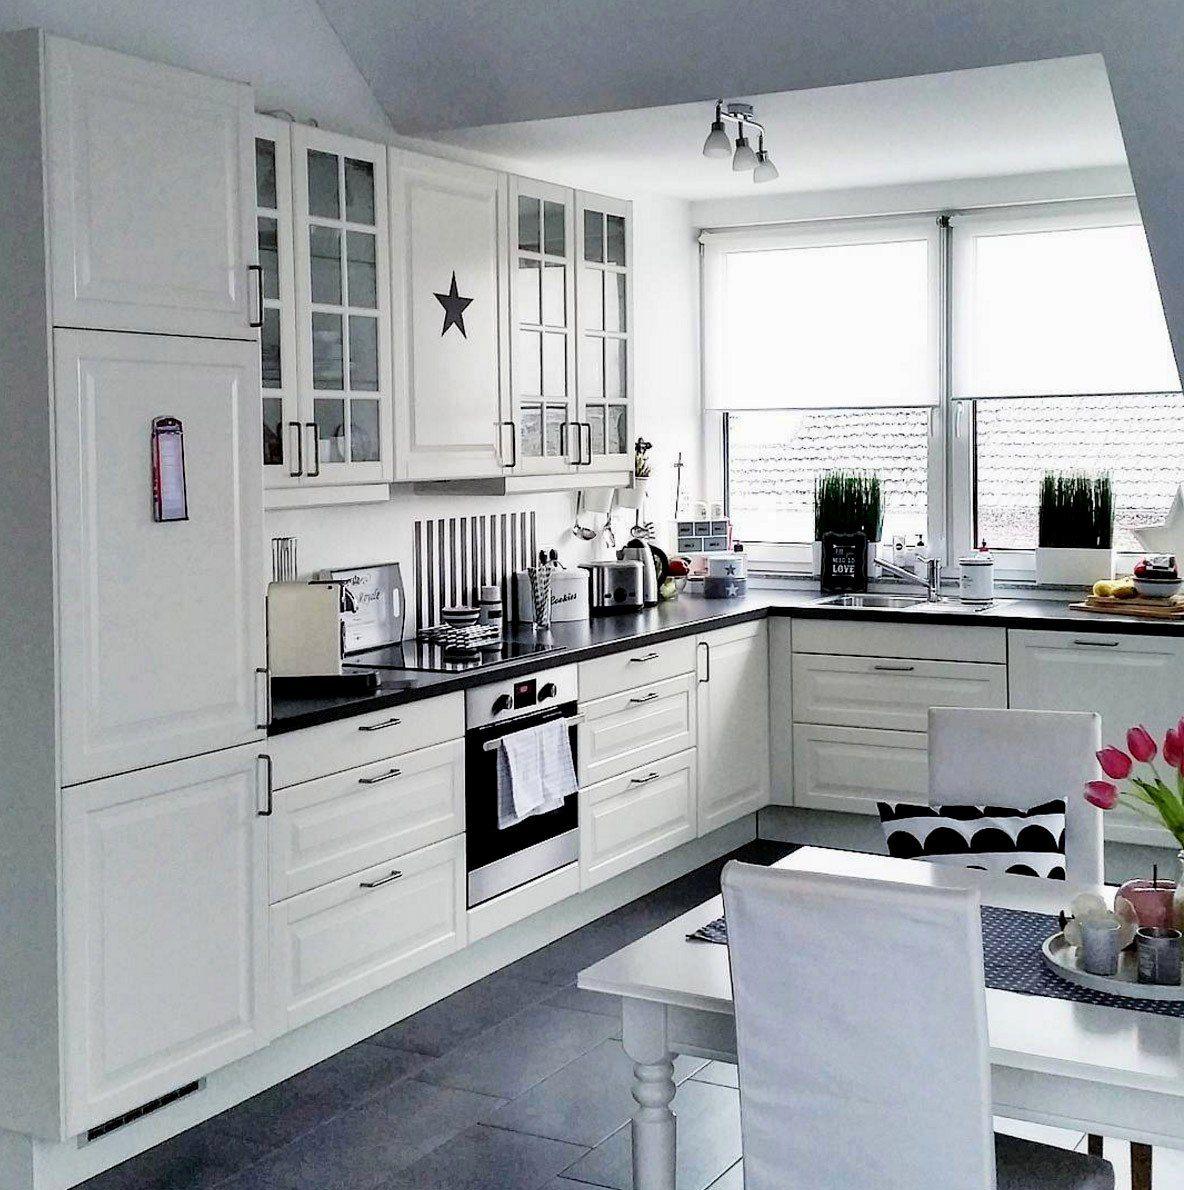 16 Kuche Landhausstil Ikea In 2020 Minimalist Kitchen Design Kitchen Design Small White Kitchen Design